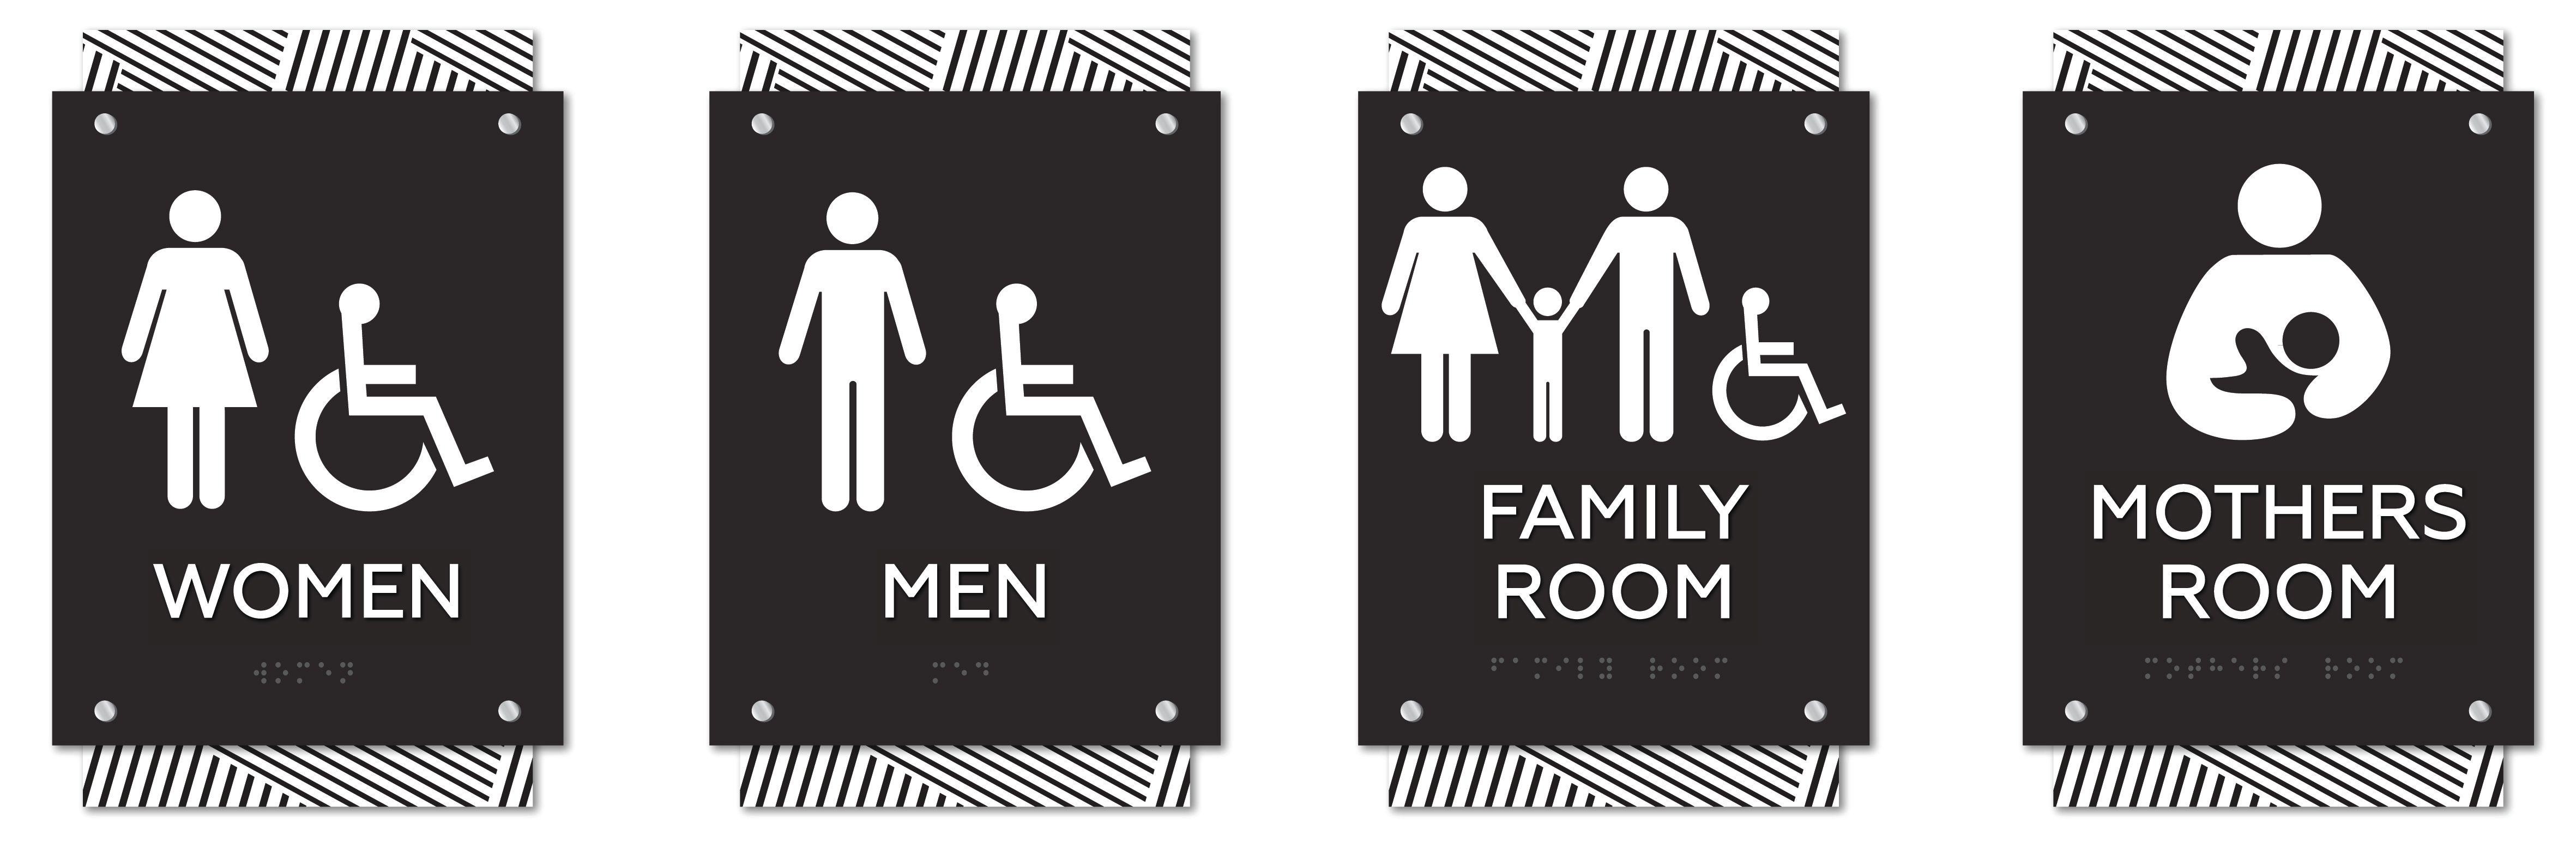 ADA Signage